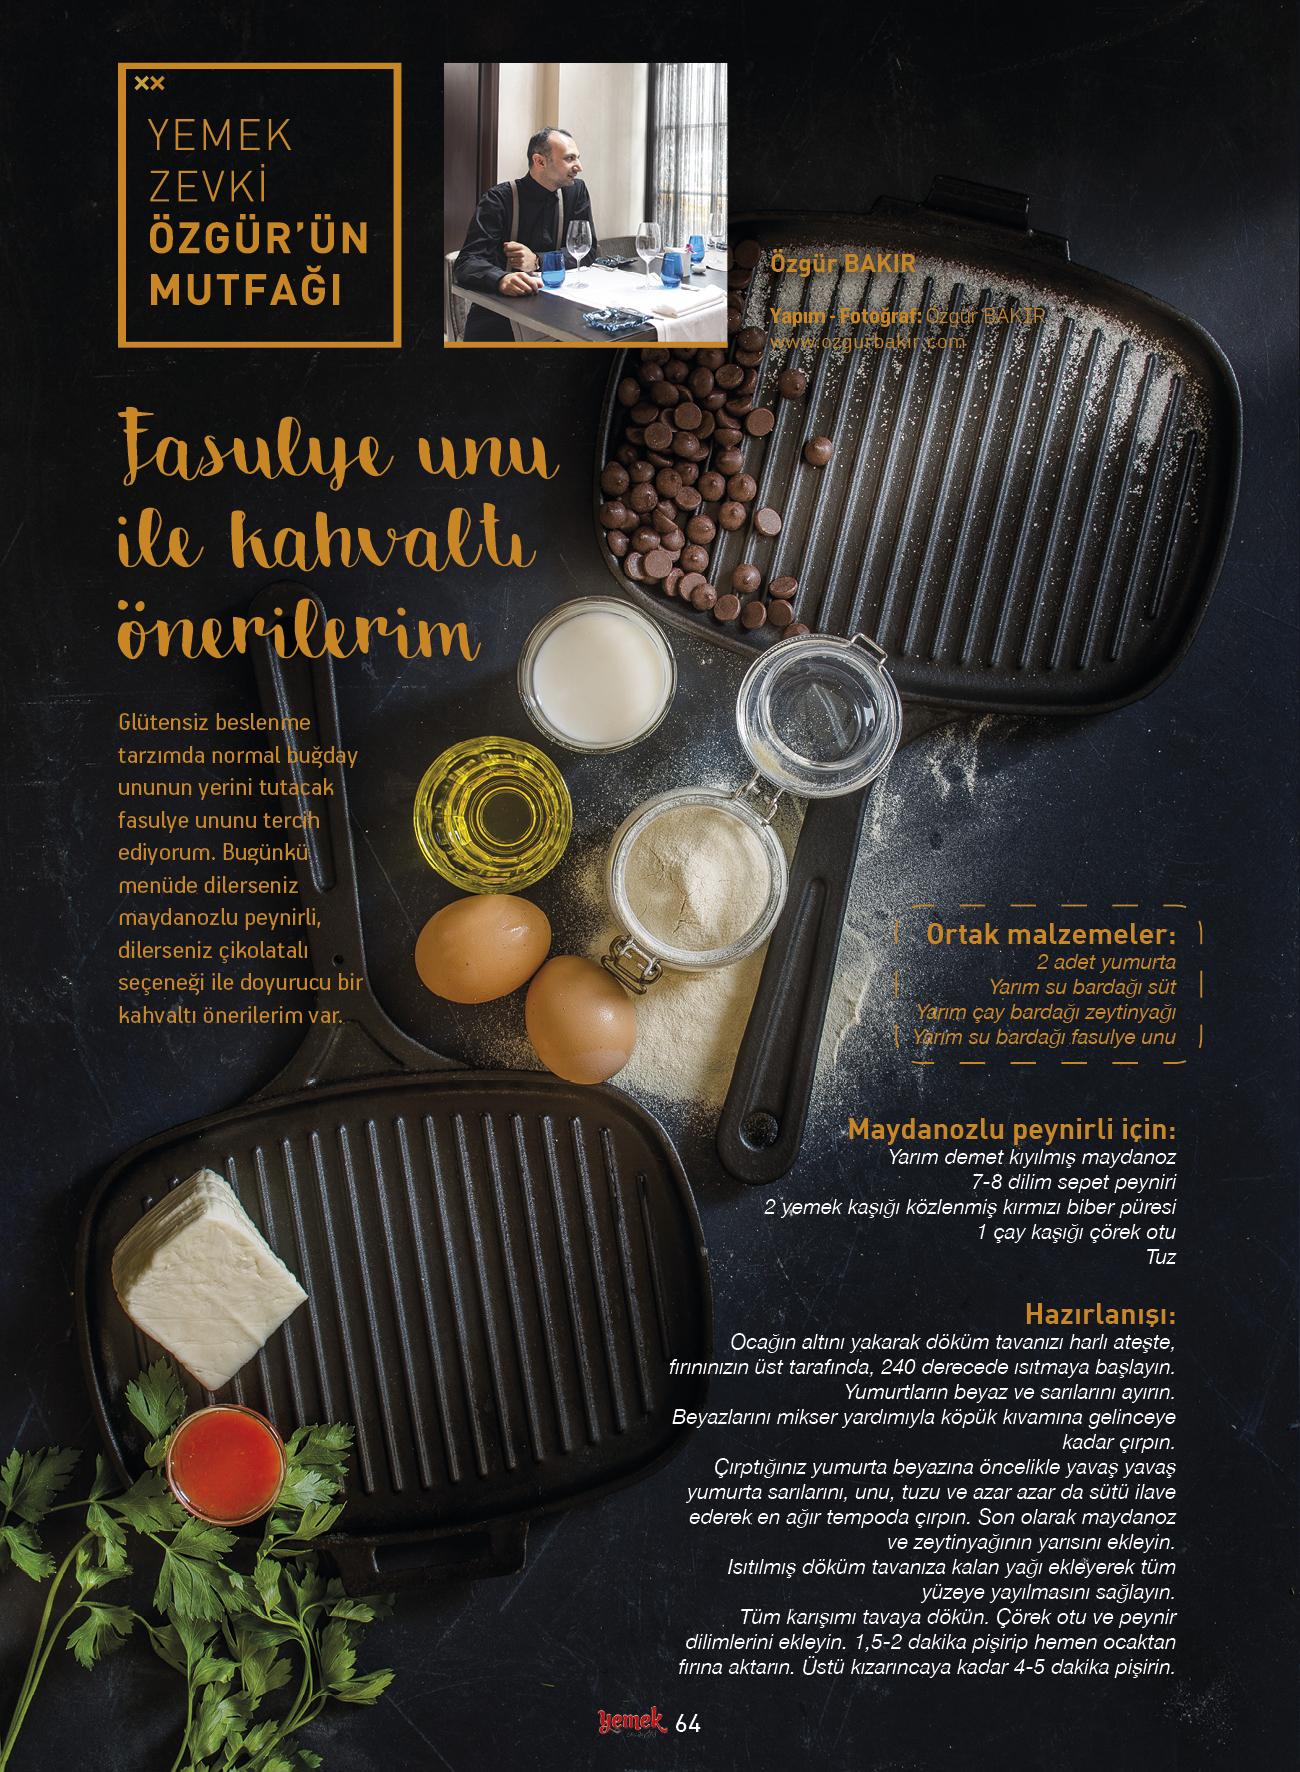 ozgurun_mutfagı